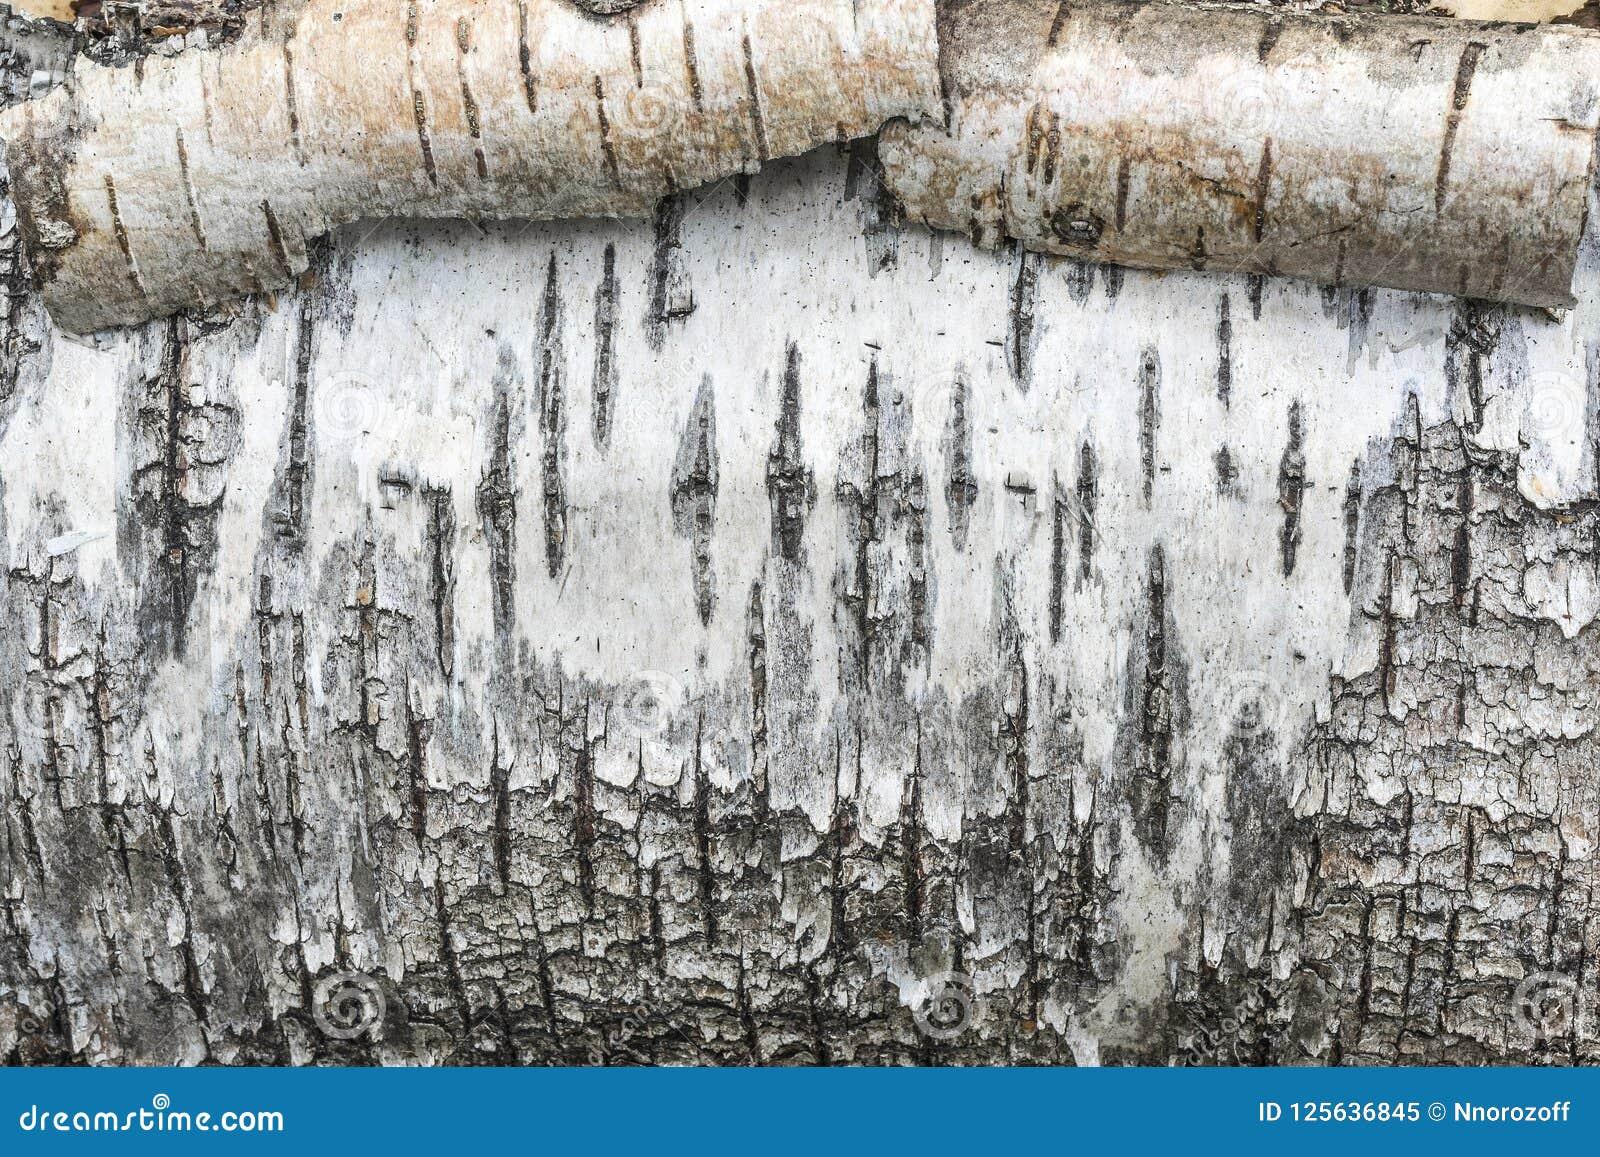 Грубая расшива березы текстуры, свертывает белую кору дерева, абстрактную предпосылку